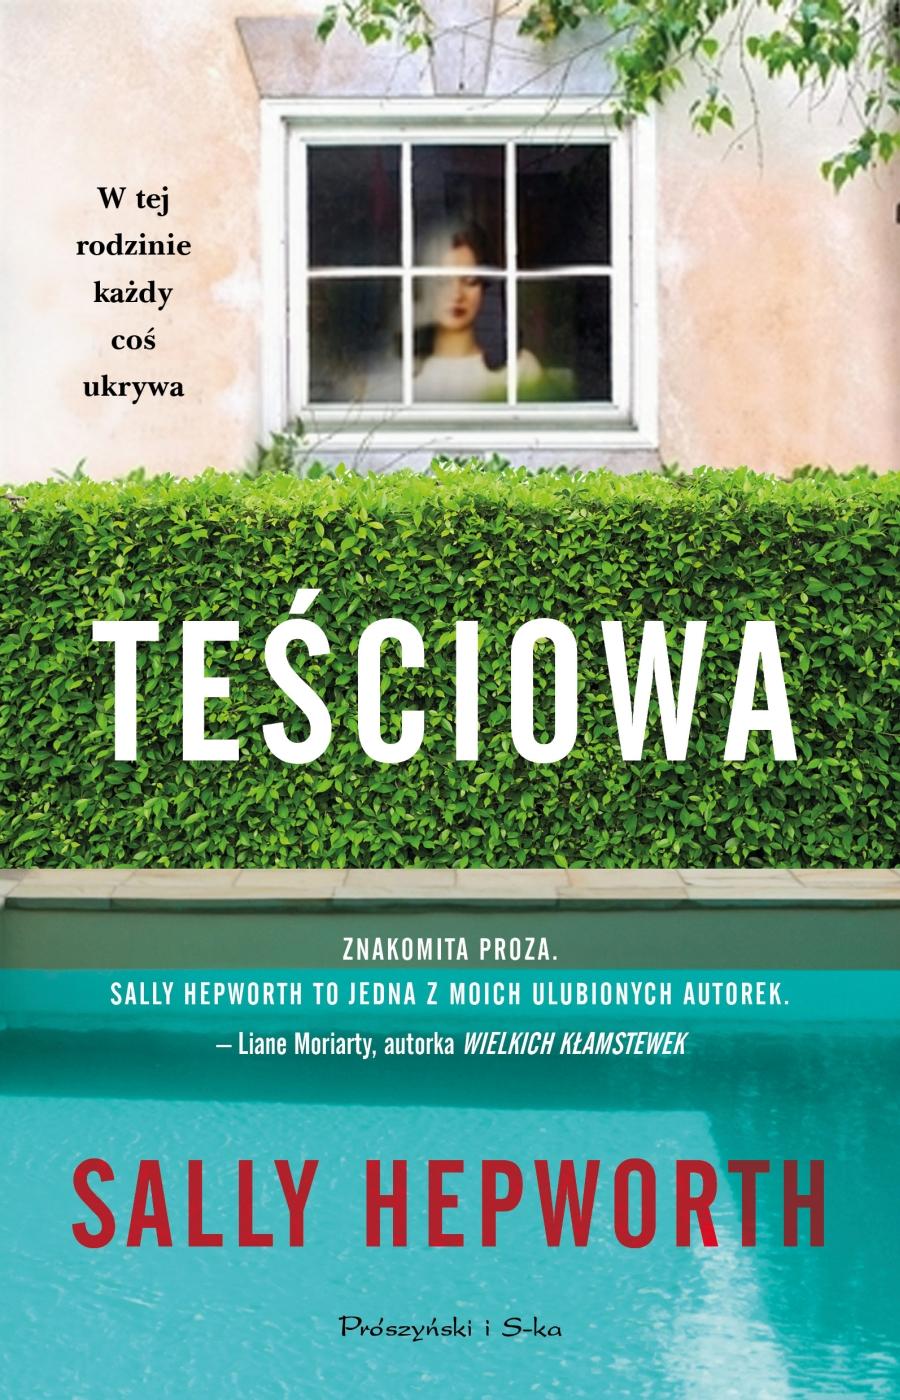 Teściowa wyspa-kobiet.pl